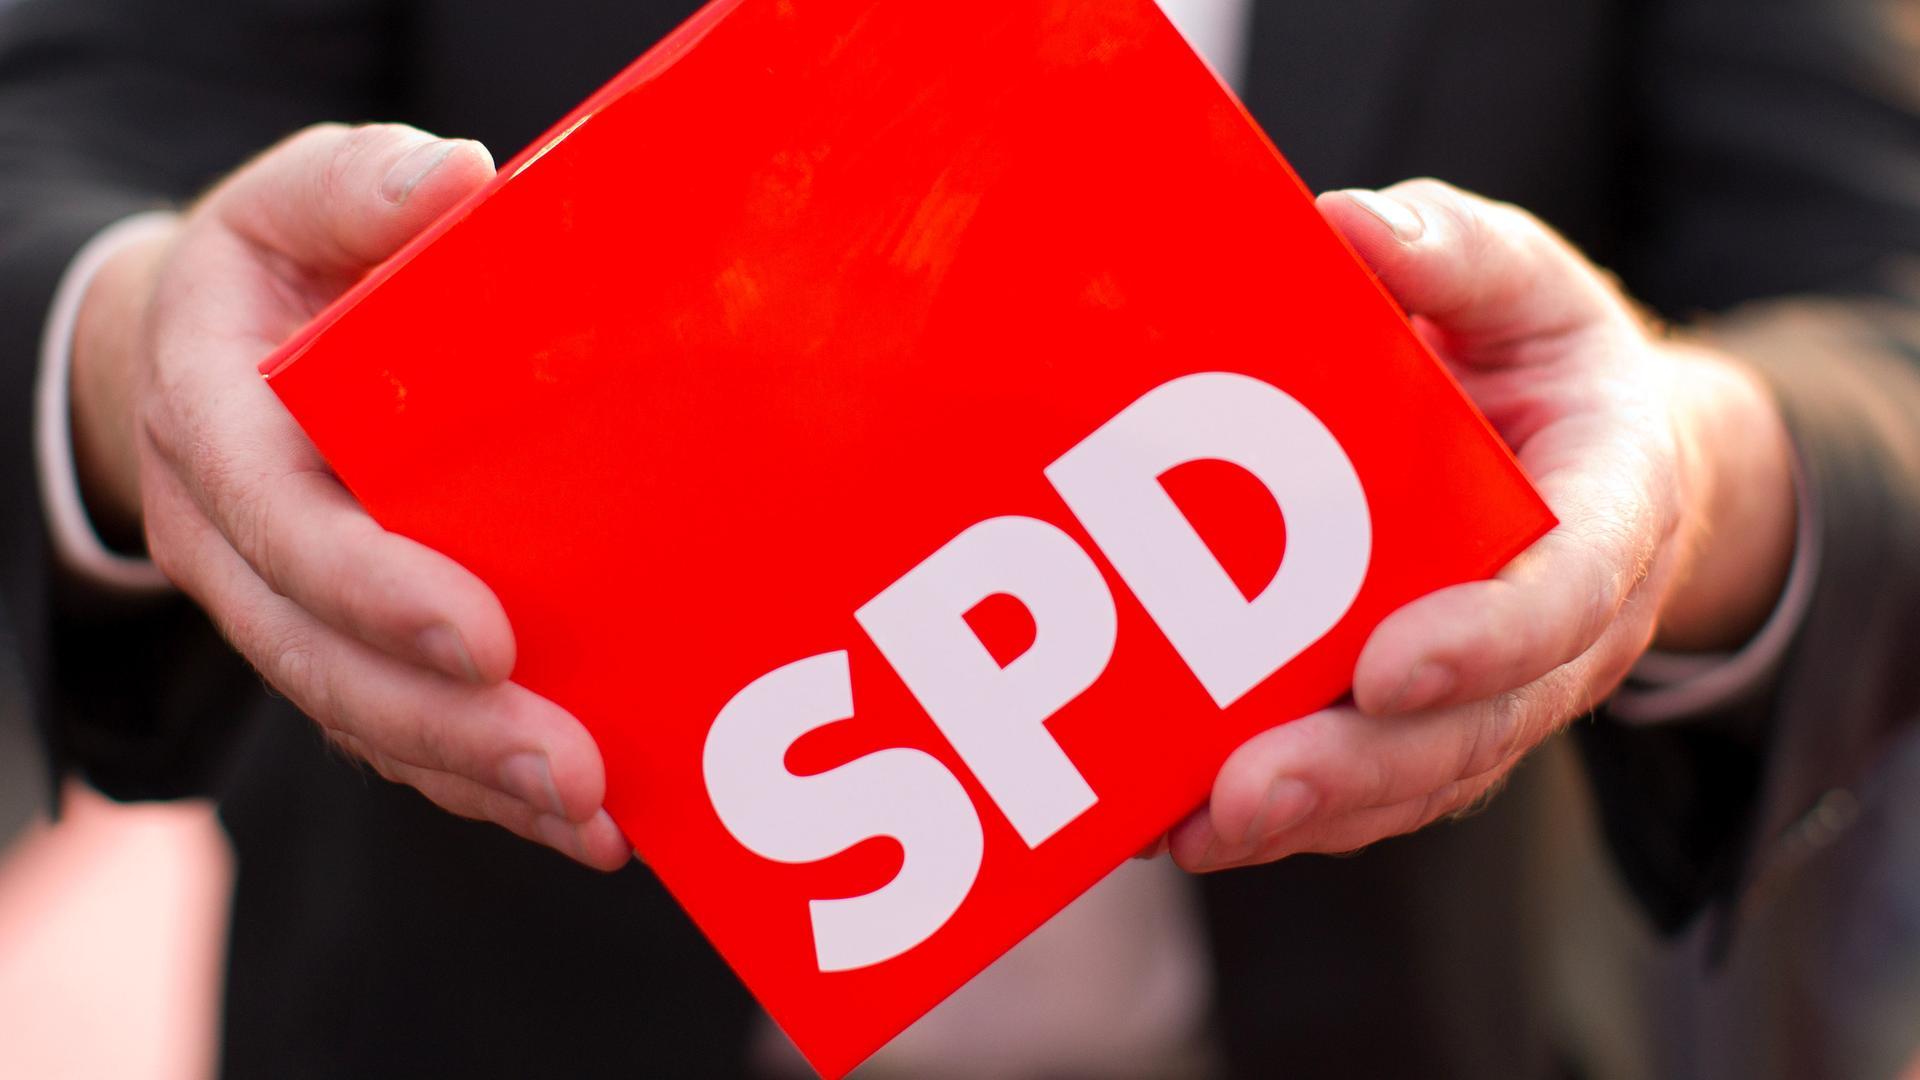 Niemcy: Początek rozmów koalicyjnych niepewny; rośnie bunt lokalnych członków SPD